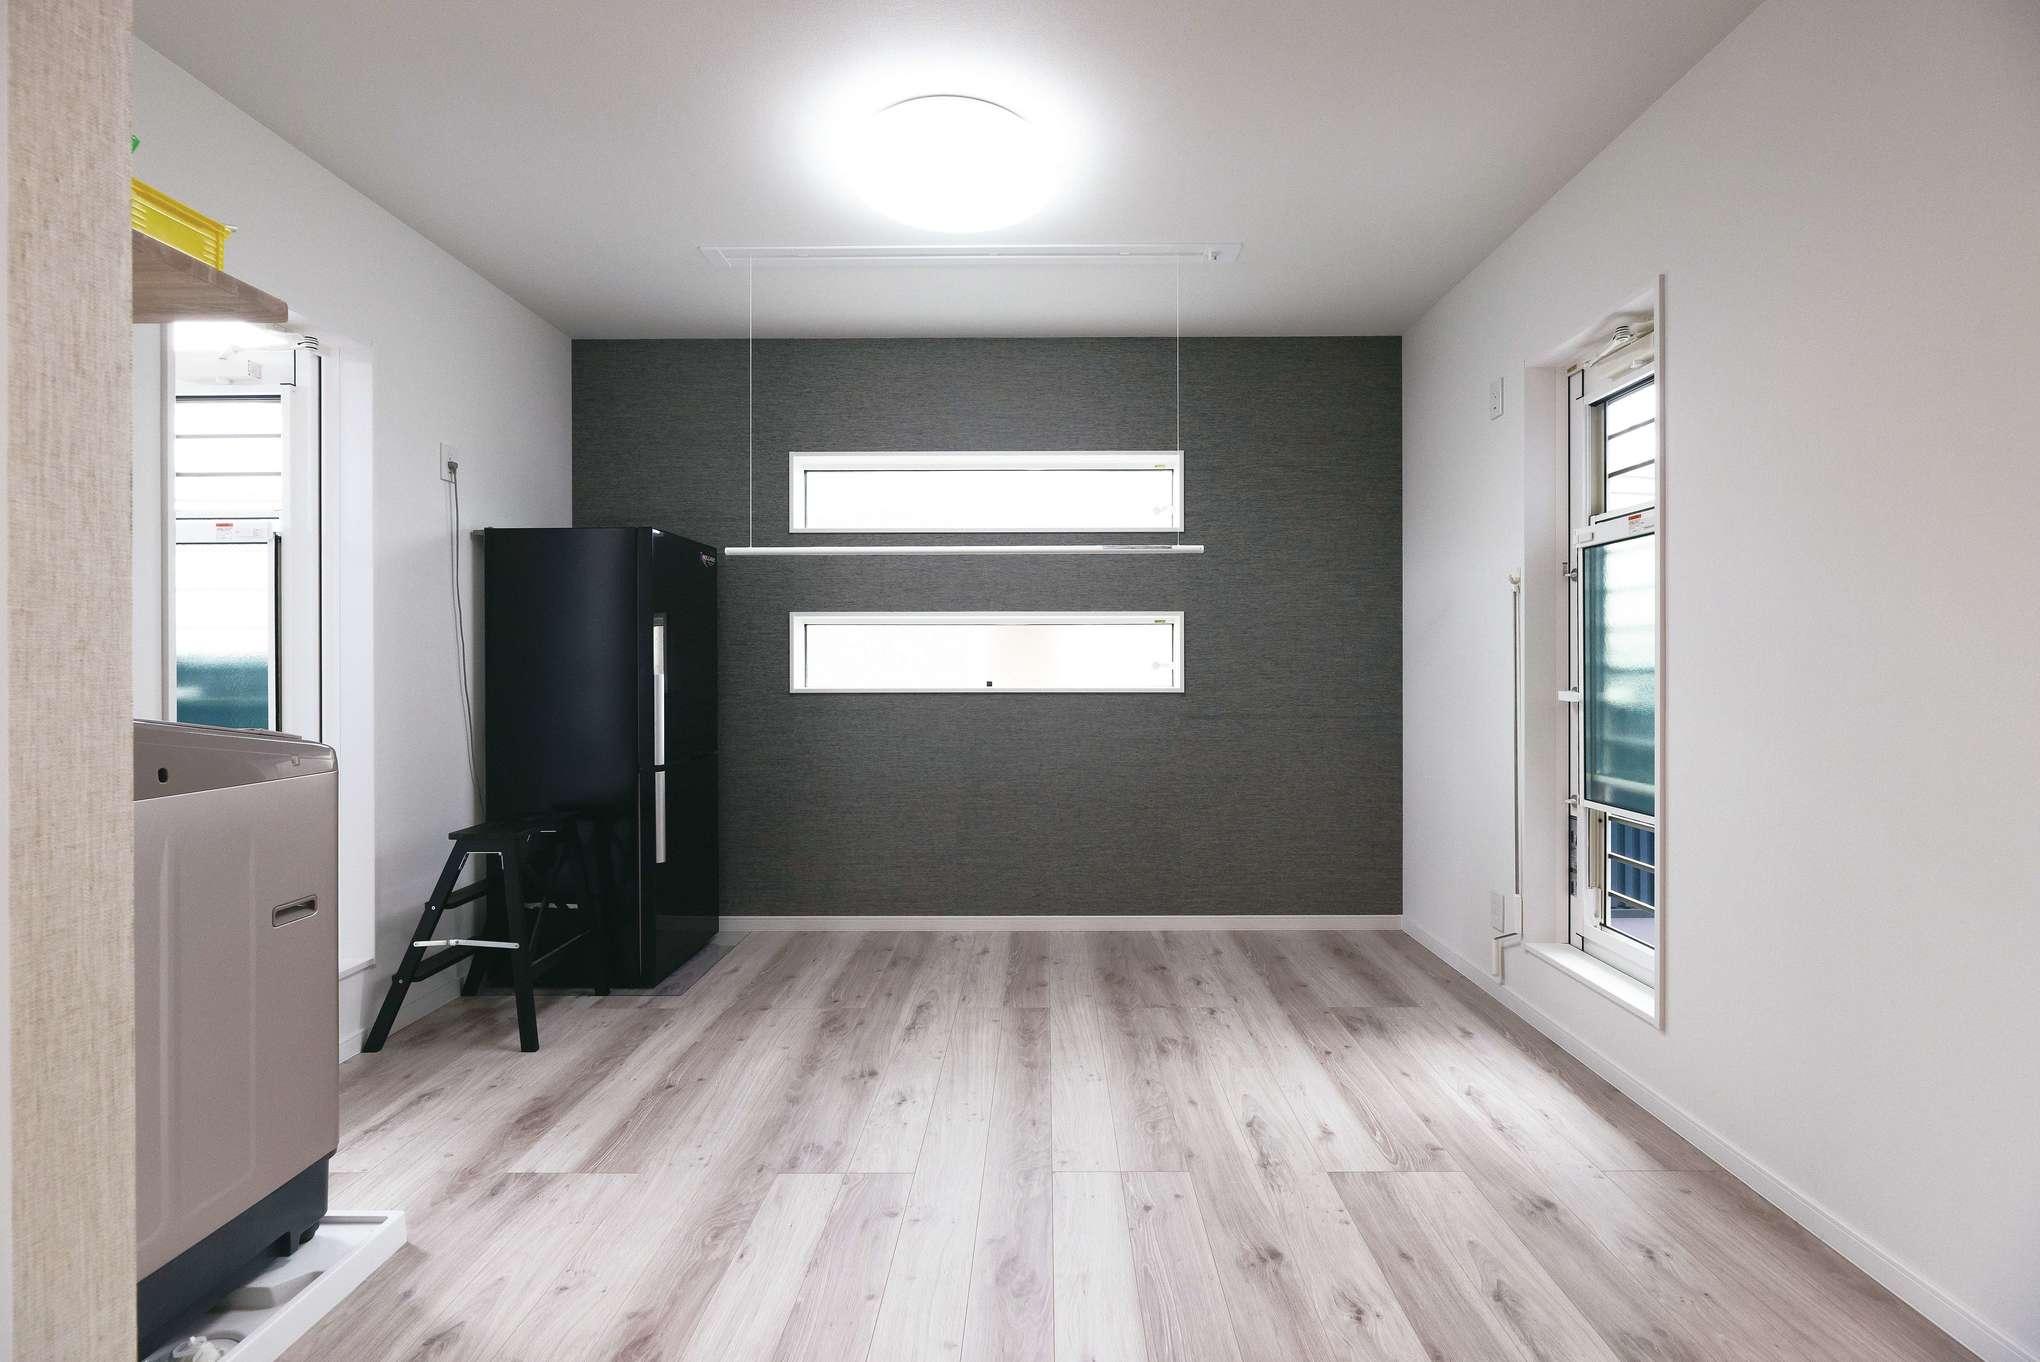 洗濯機を設置した2階ホール。天気次第で左側のドアから続くインナーバルコニーや、右側のドアから出られるオープンバルコニーでの屋外干しも選択できる